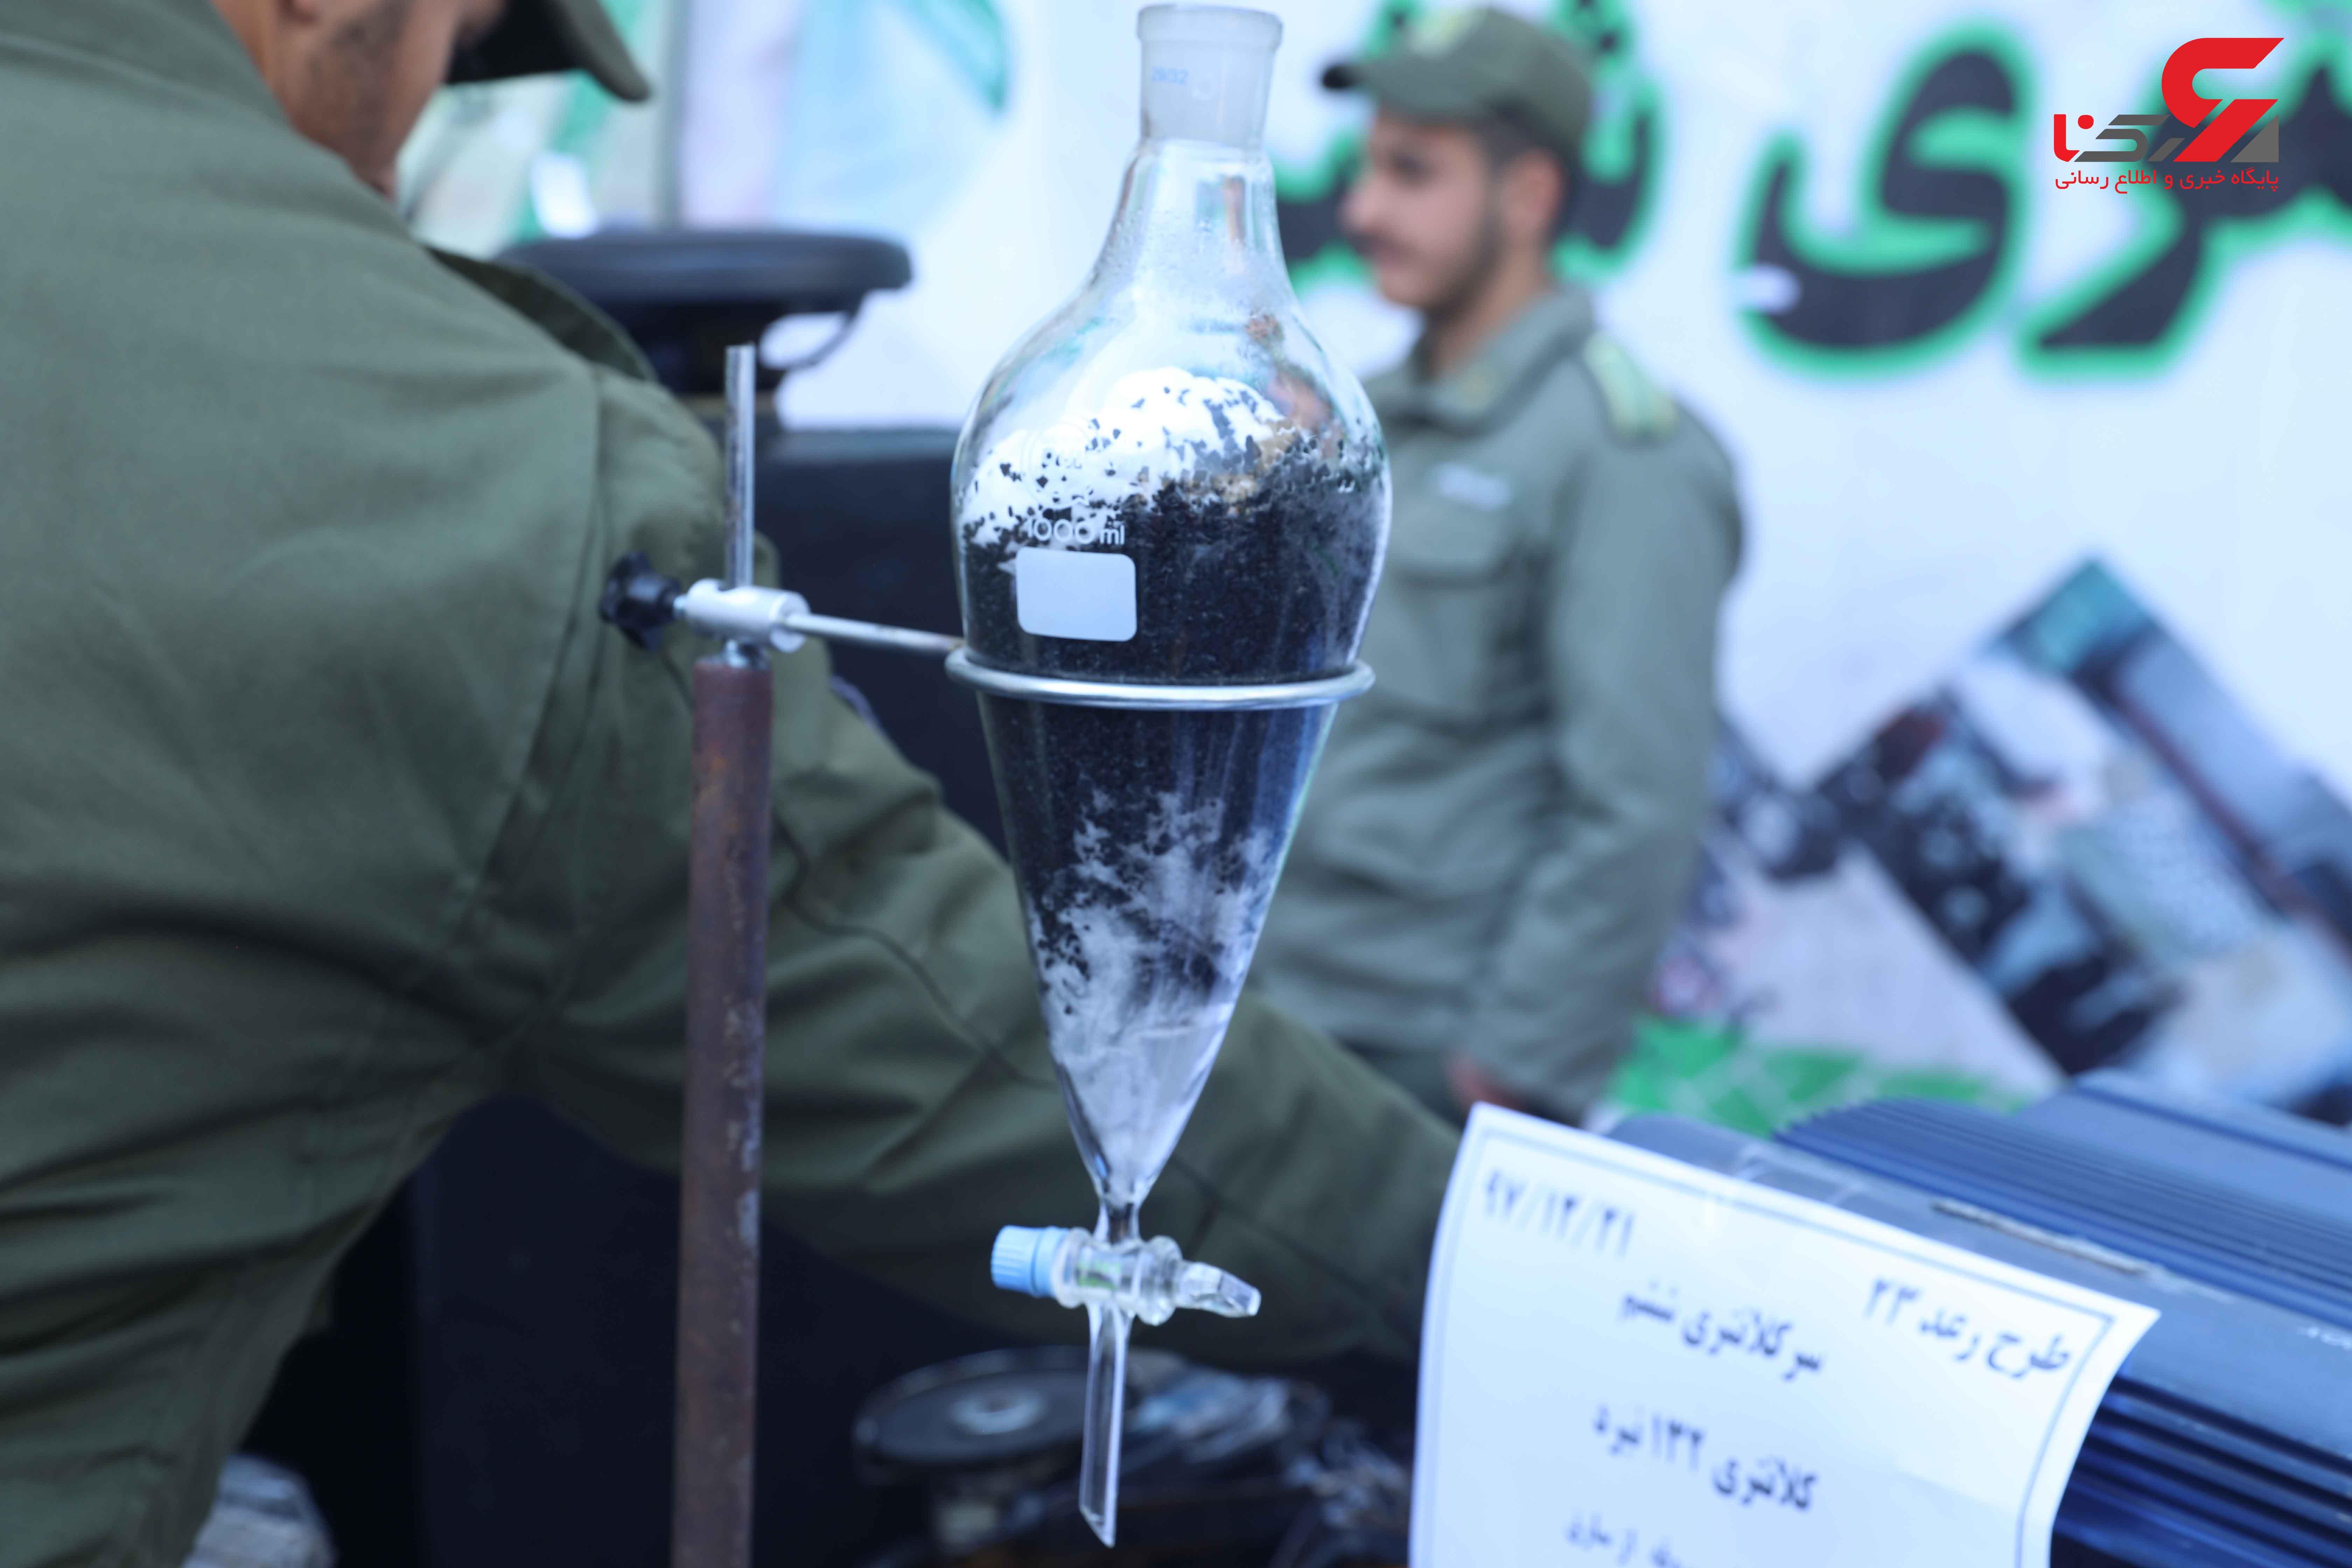 بیست و سومین طرح رعد پلیس پیشگیری پایتخت با تلاش مأموران پلیس پیشگیری تهران بزرگ اجرا شد.